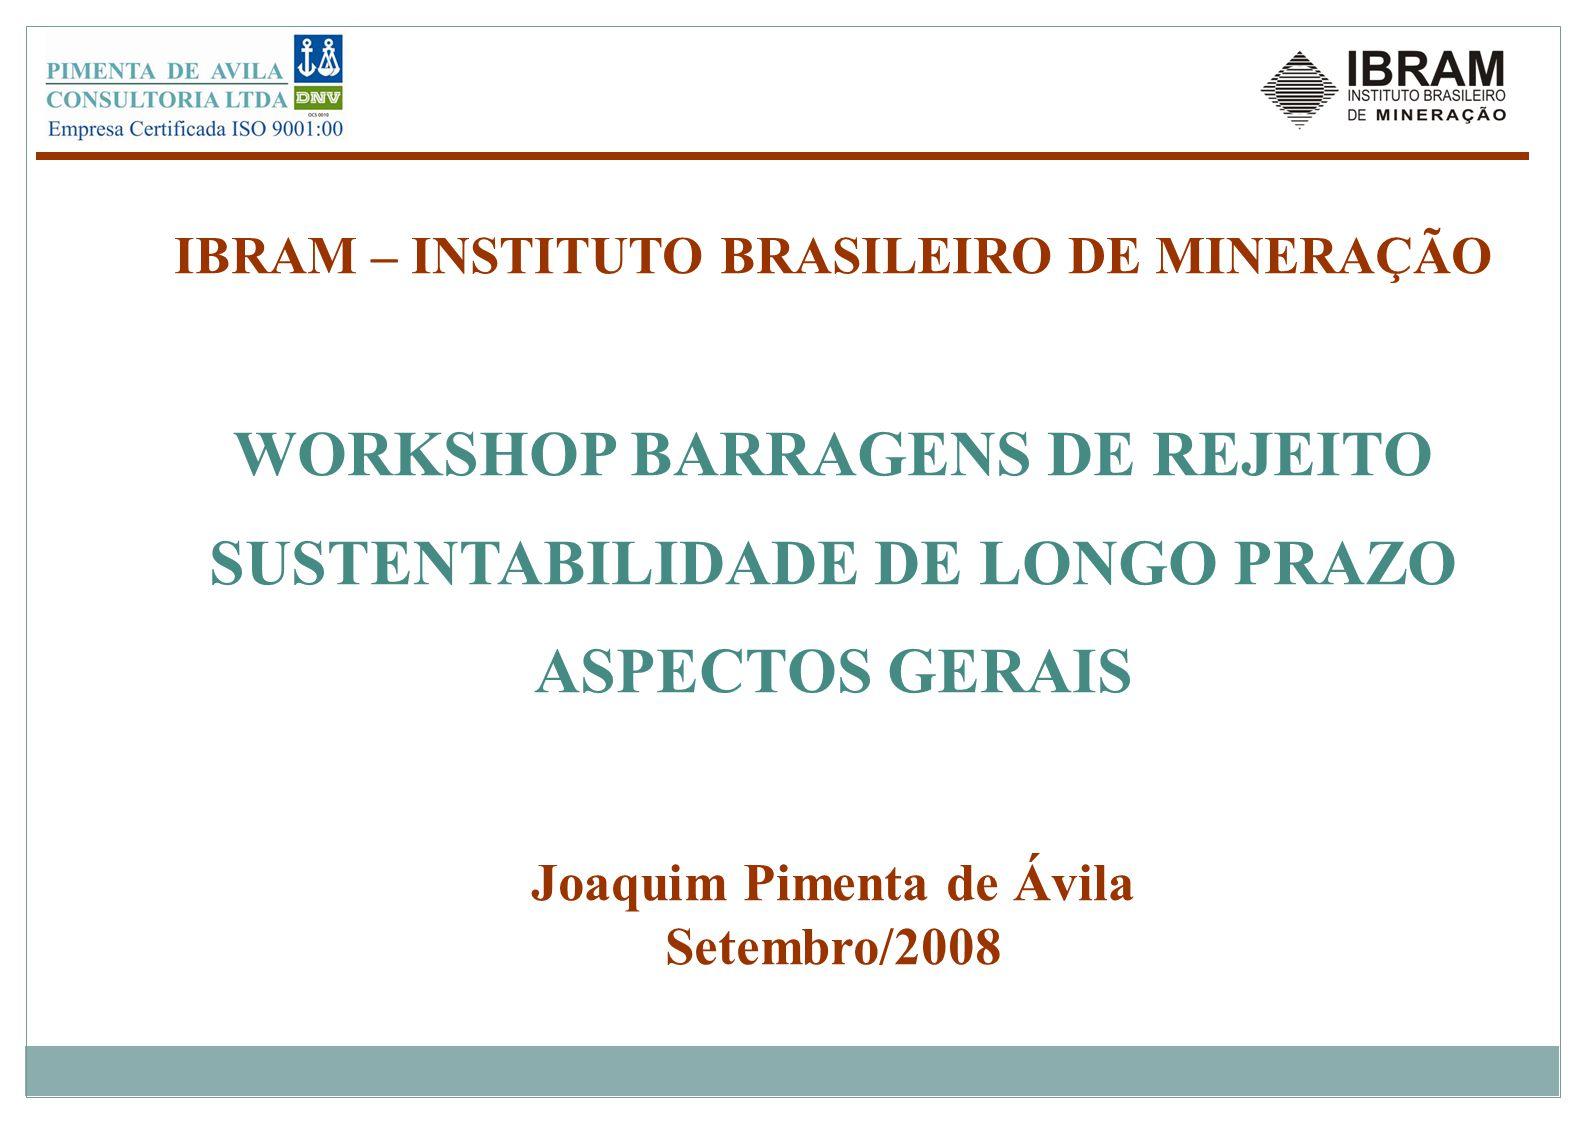 IBRAM – INSTITUTO BRASILEIRO DE MINERAÇÃO WORKSHOP BARRAGENS DE REJEITO SUSTENTABILIDADE DE LONGO PRAZO ASPECTOS GERAIS Joaquim Pimenta de Ávila Setem